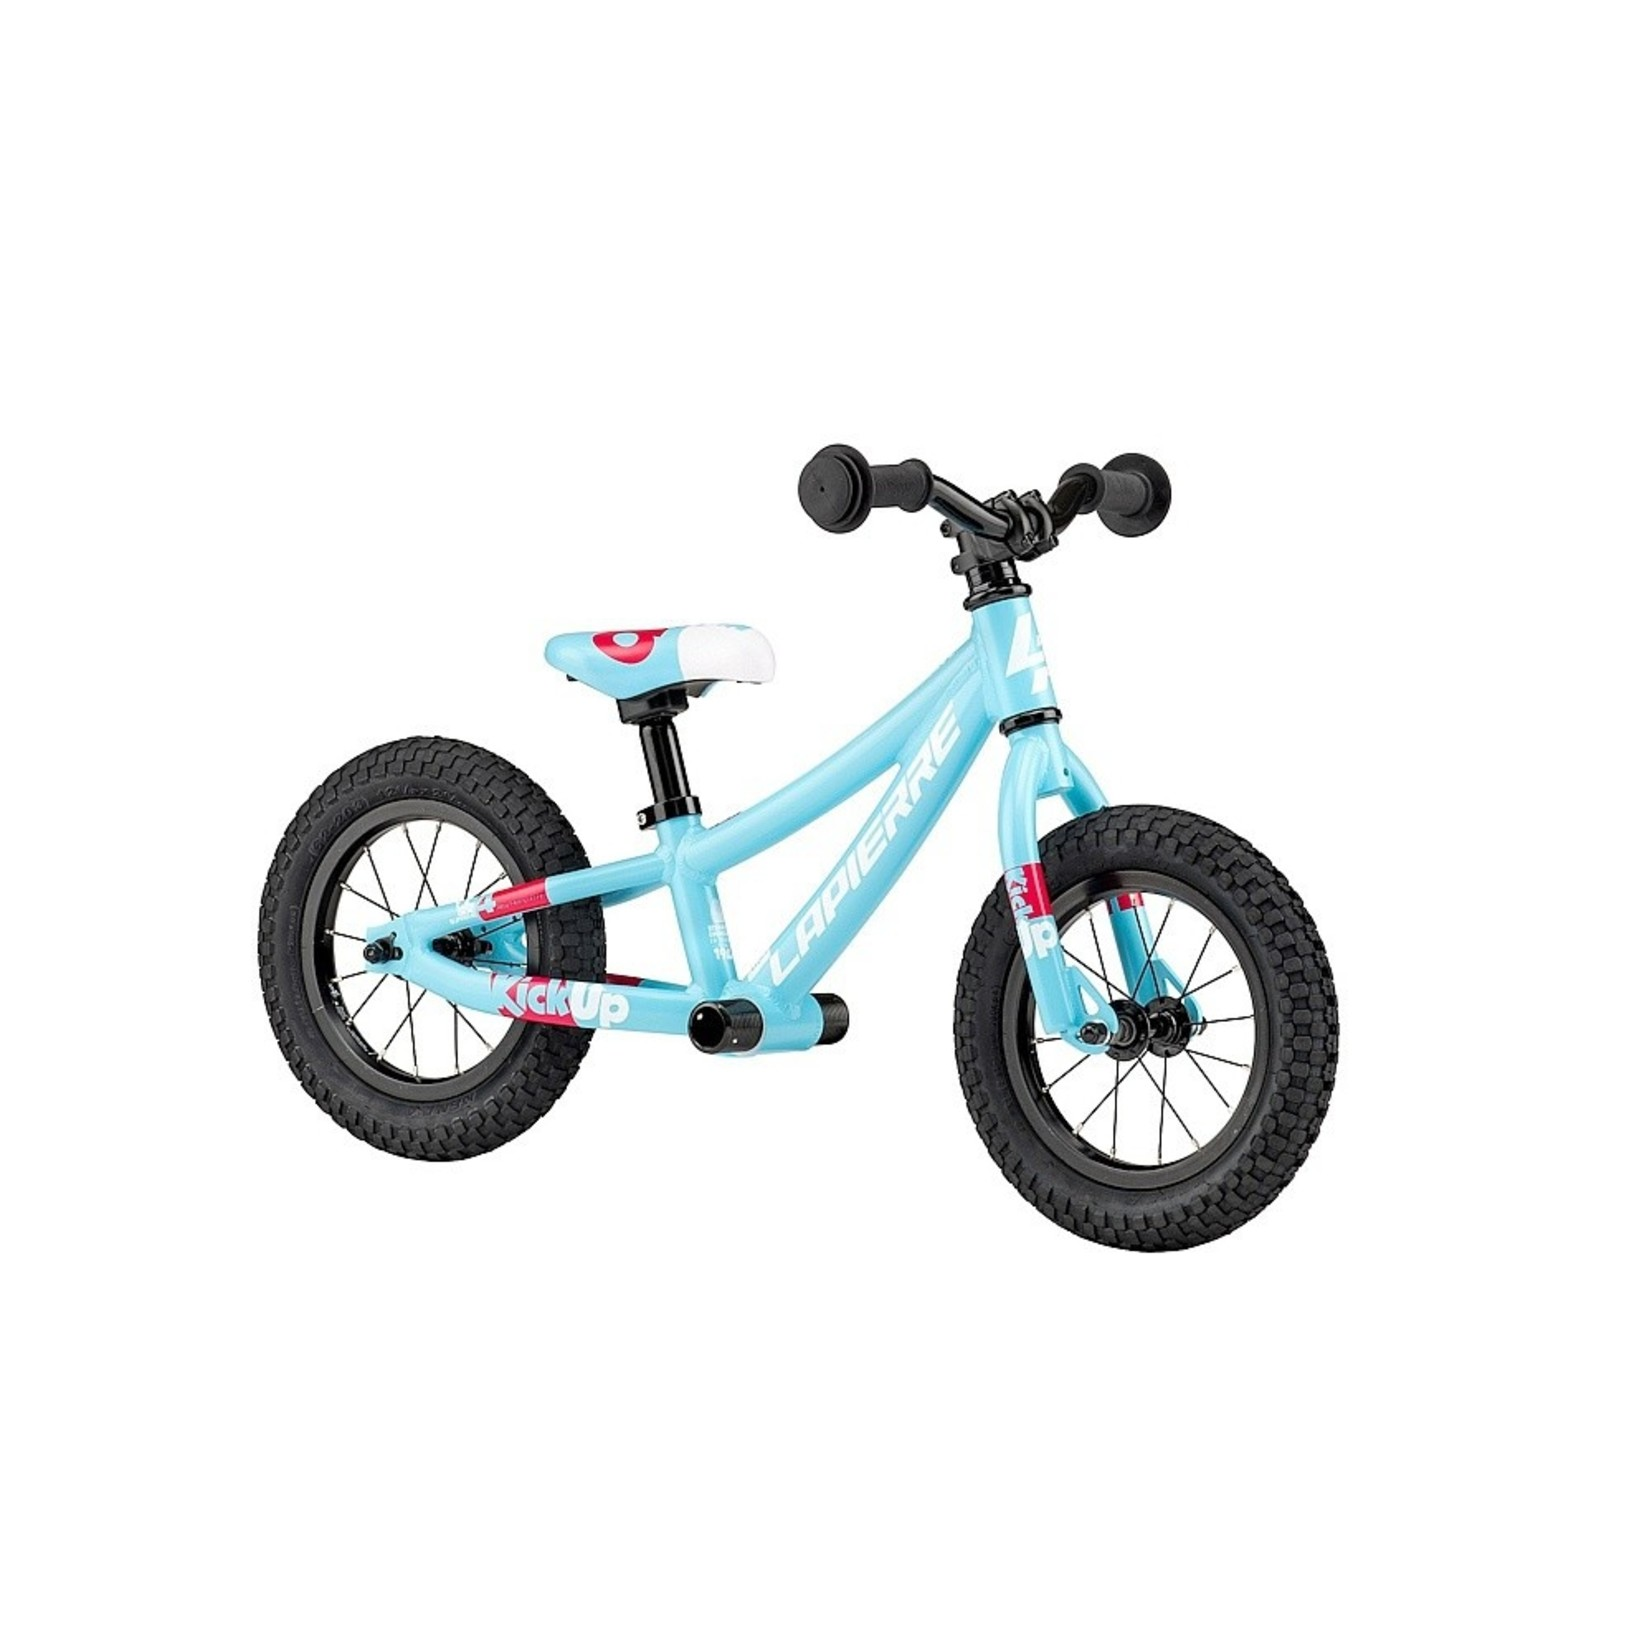 Lapierre  Kick up Kids Bike